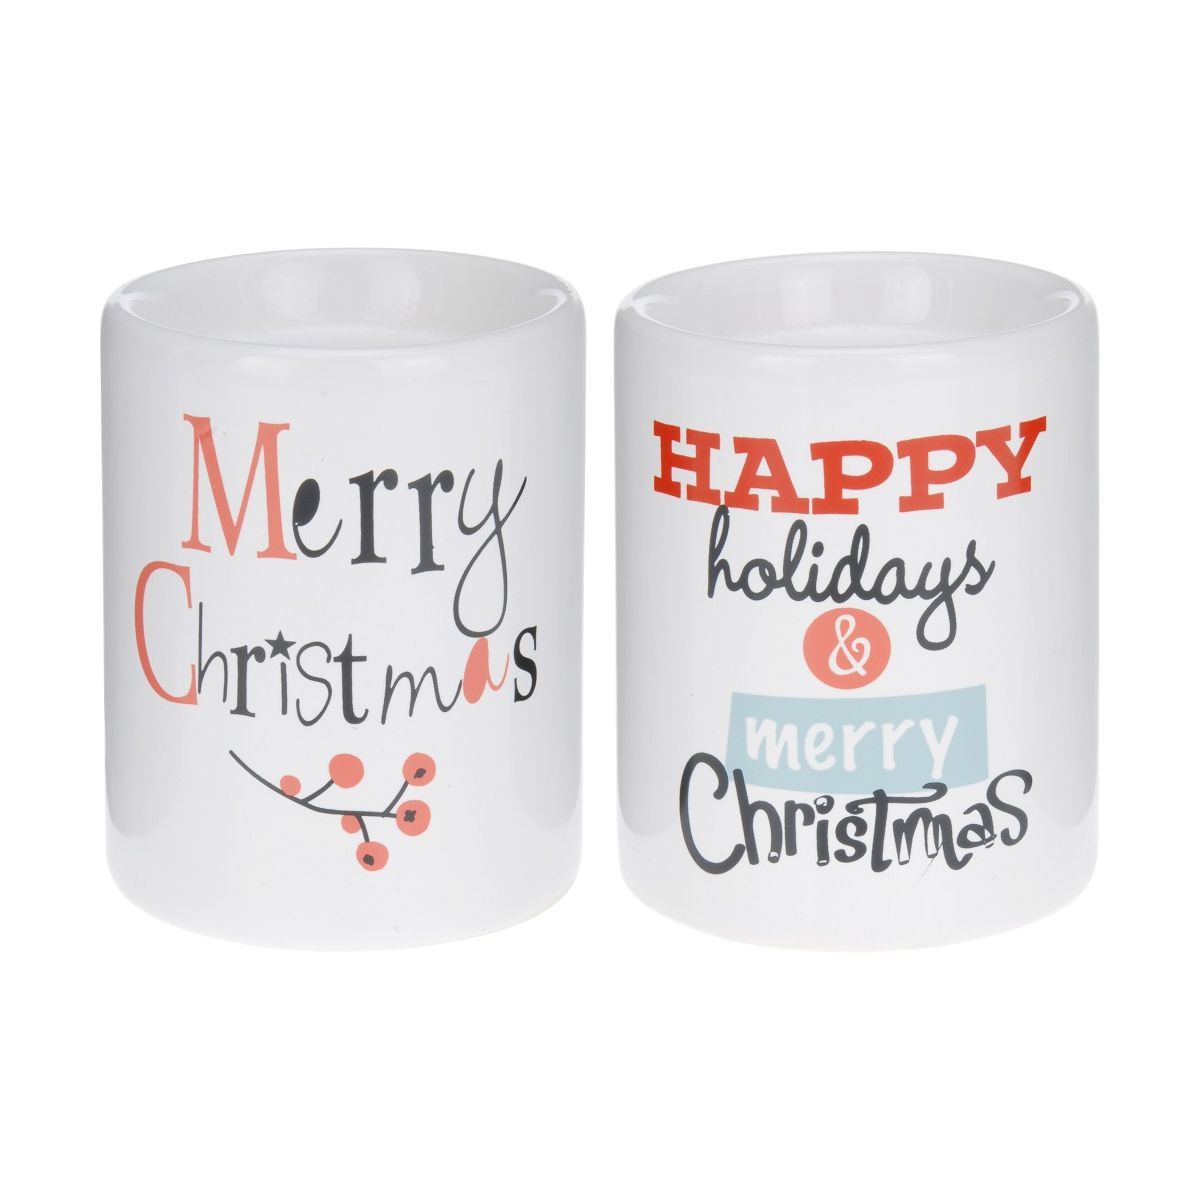 Подсвечник рождественский  6,2*6,2*8,2см в ассортиментеподсвечник рождественский разм. 6.2x6.2x8.2см<br>